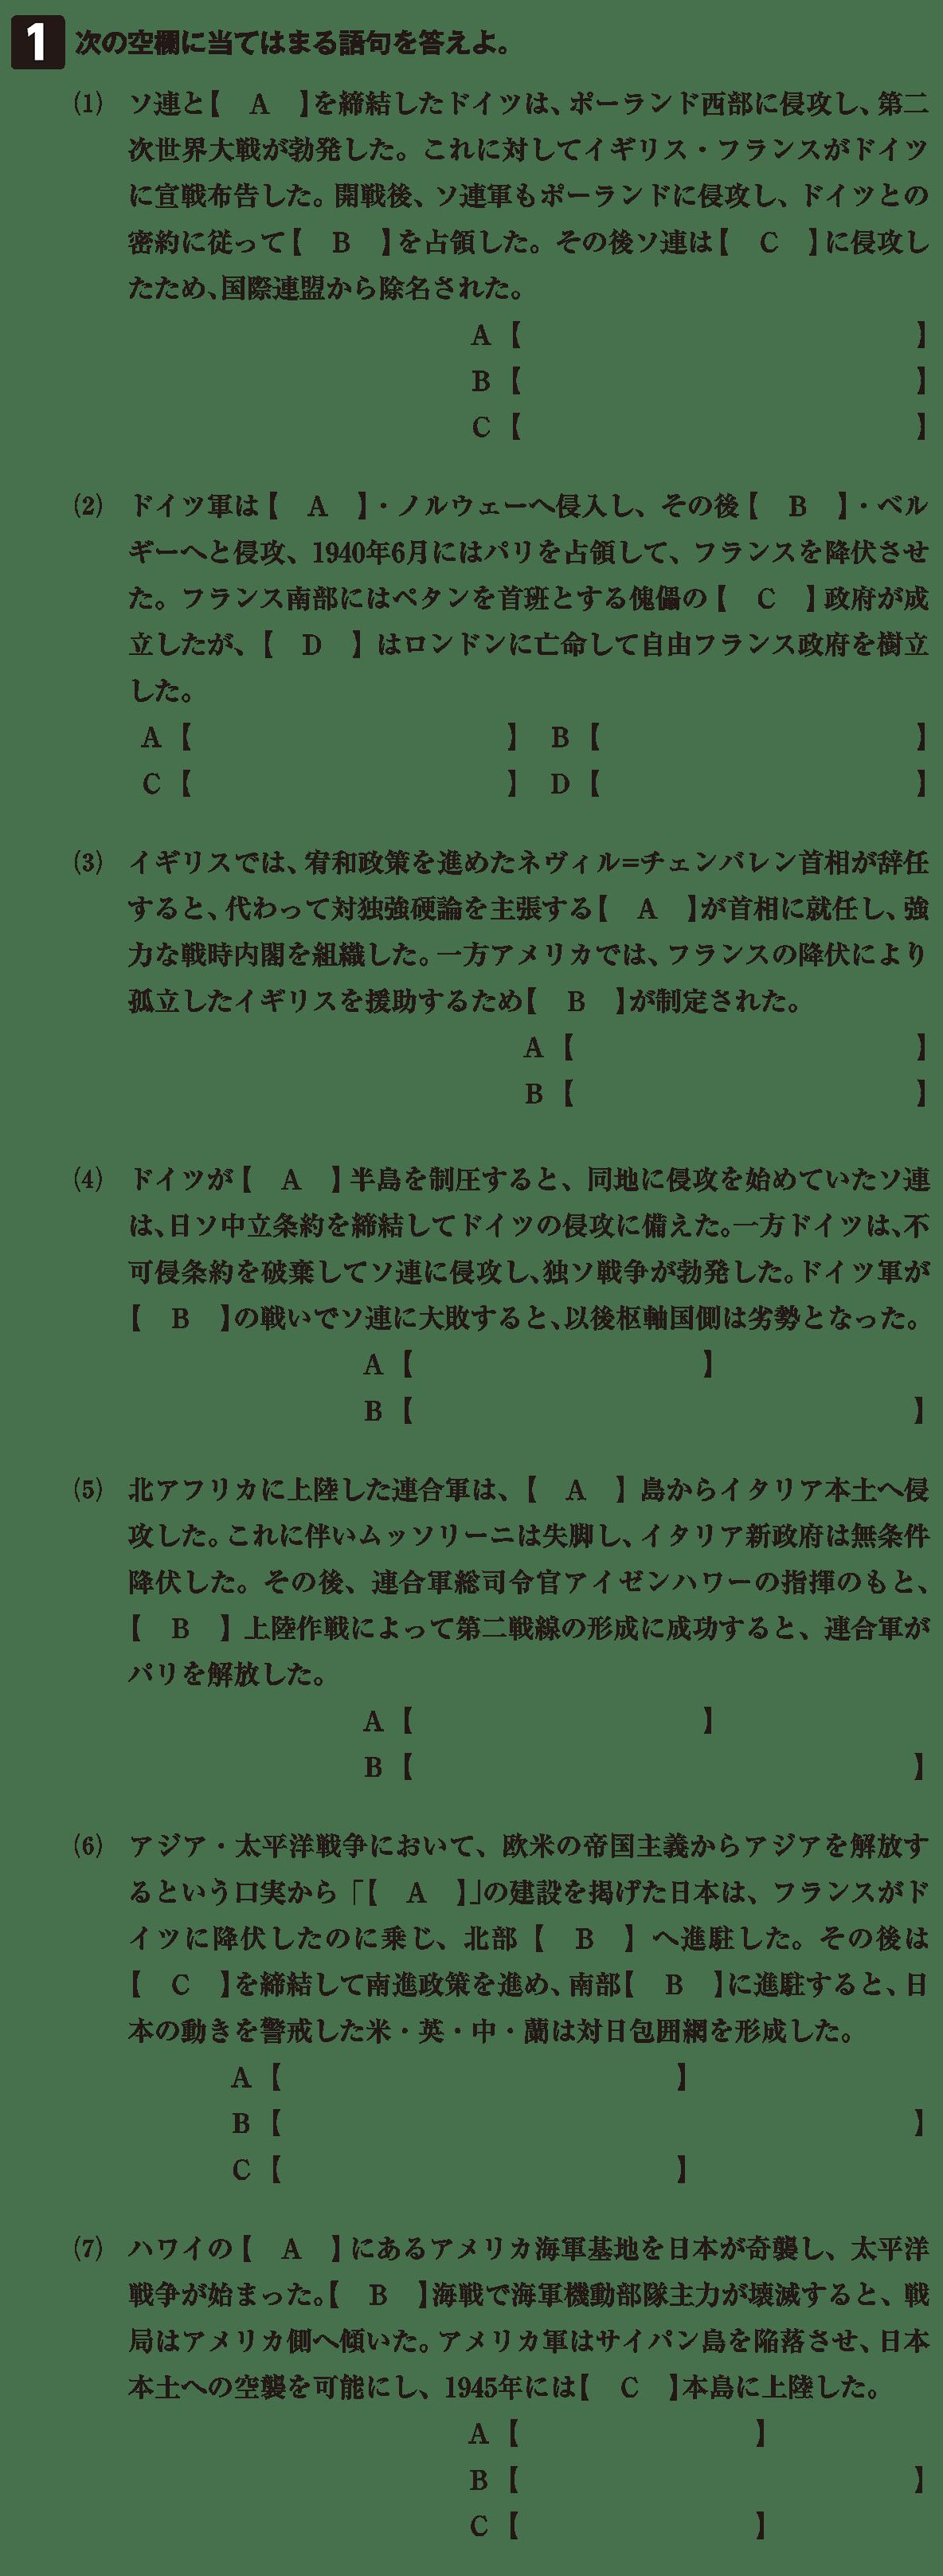 第二次世界大戦と戦後秩序7 確認テスト(前半)